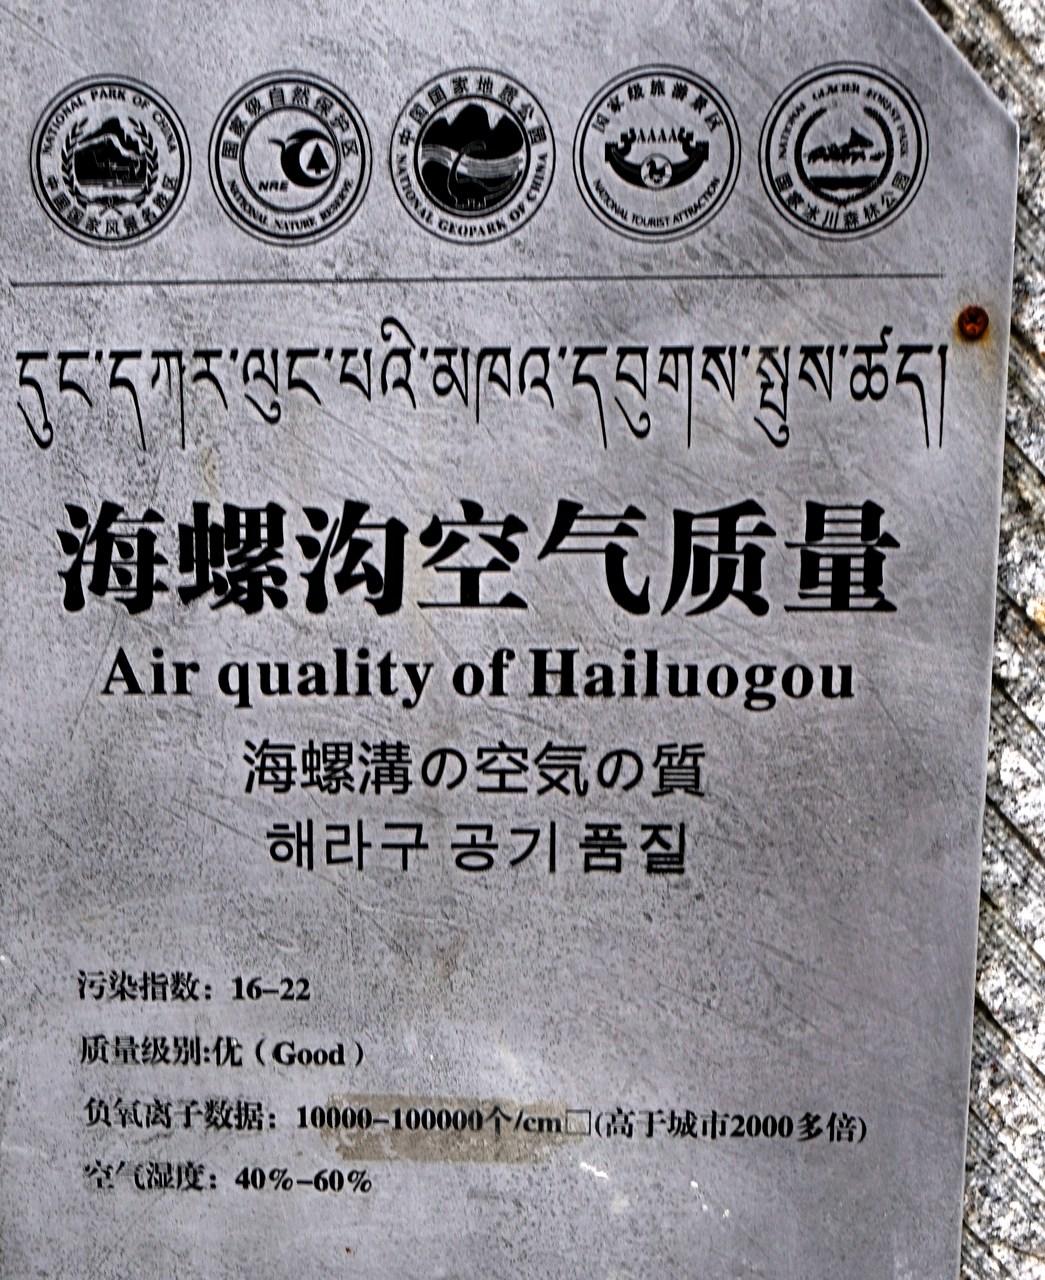 四川海螺沟空气质量简介-18-1600.jpg